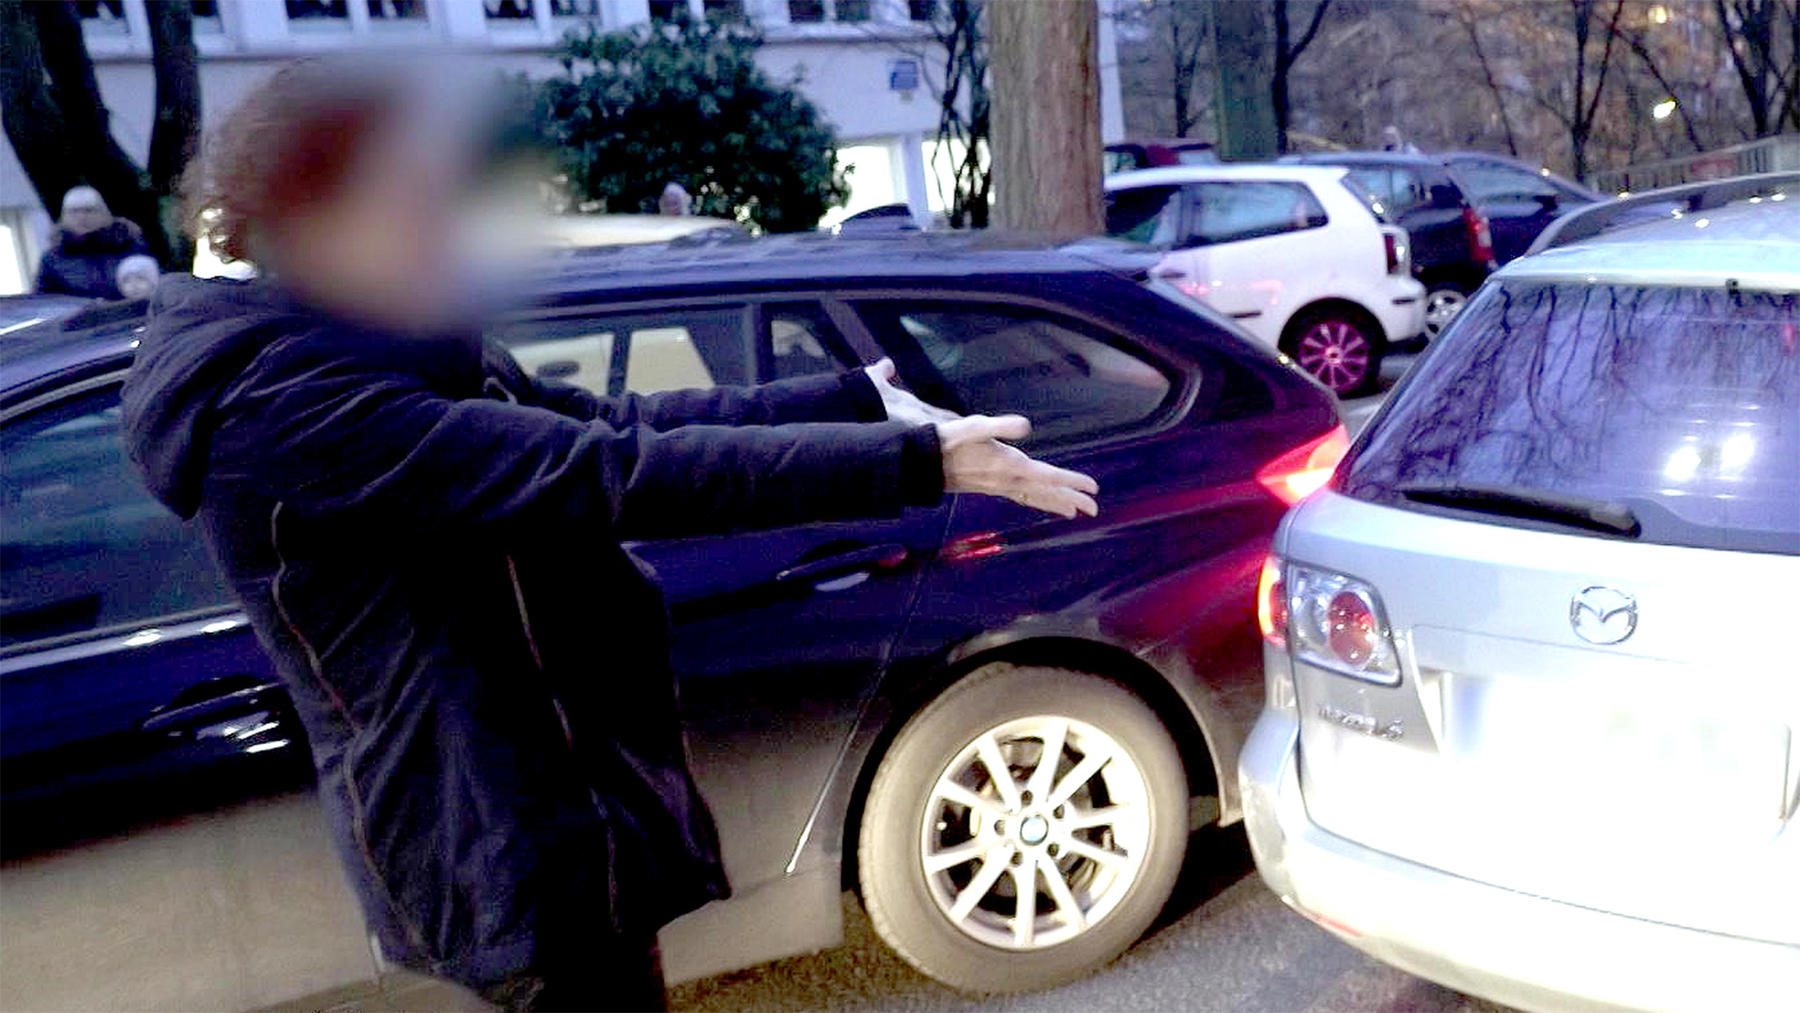 Thema u.a.: Eltern-Taxi-Chaos vor dem Schulhof